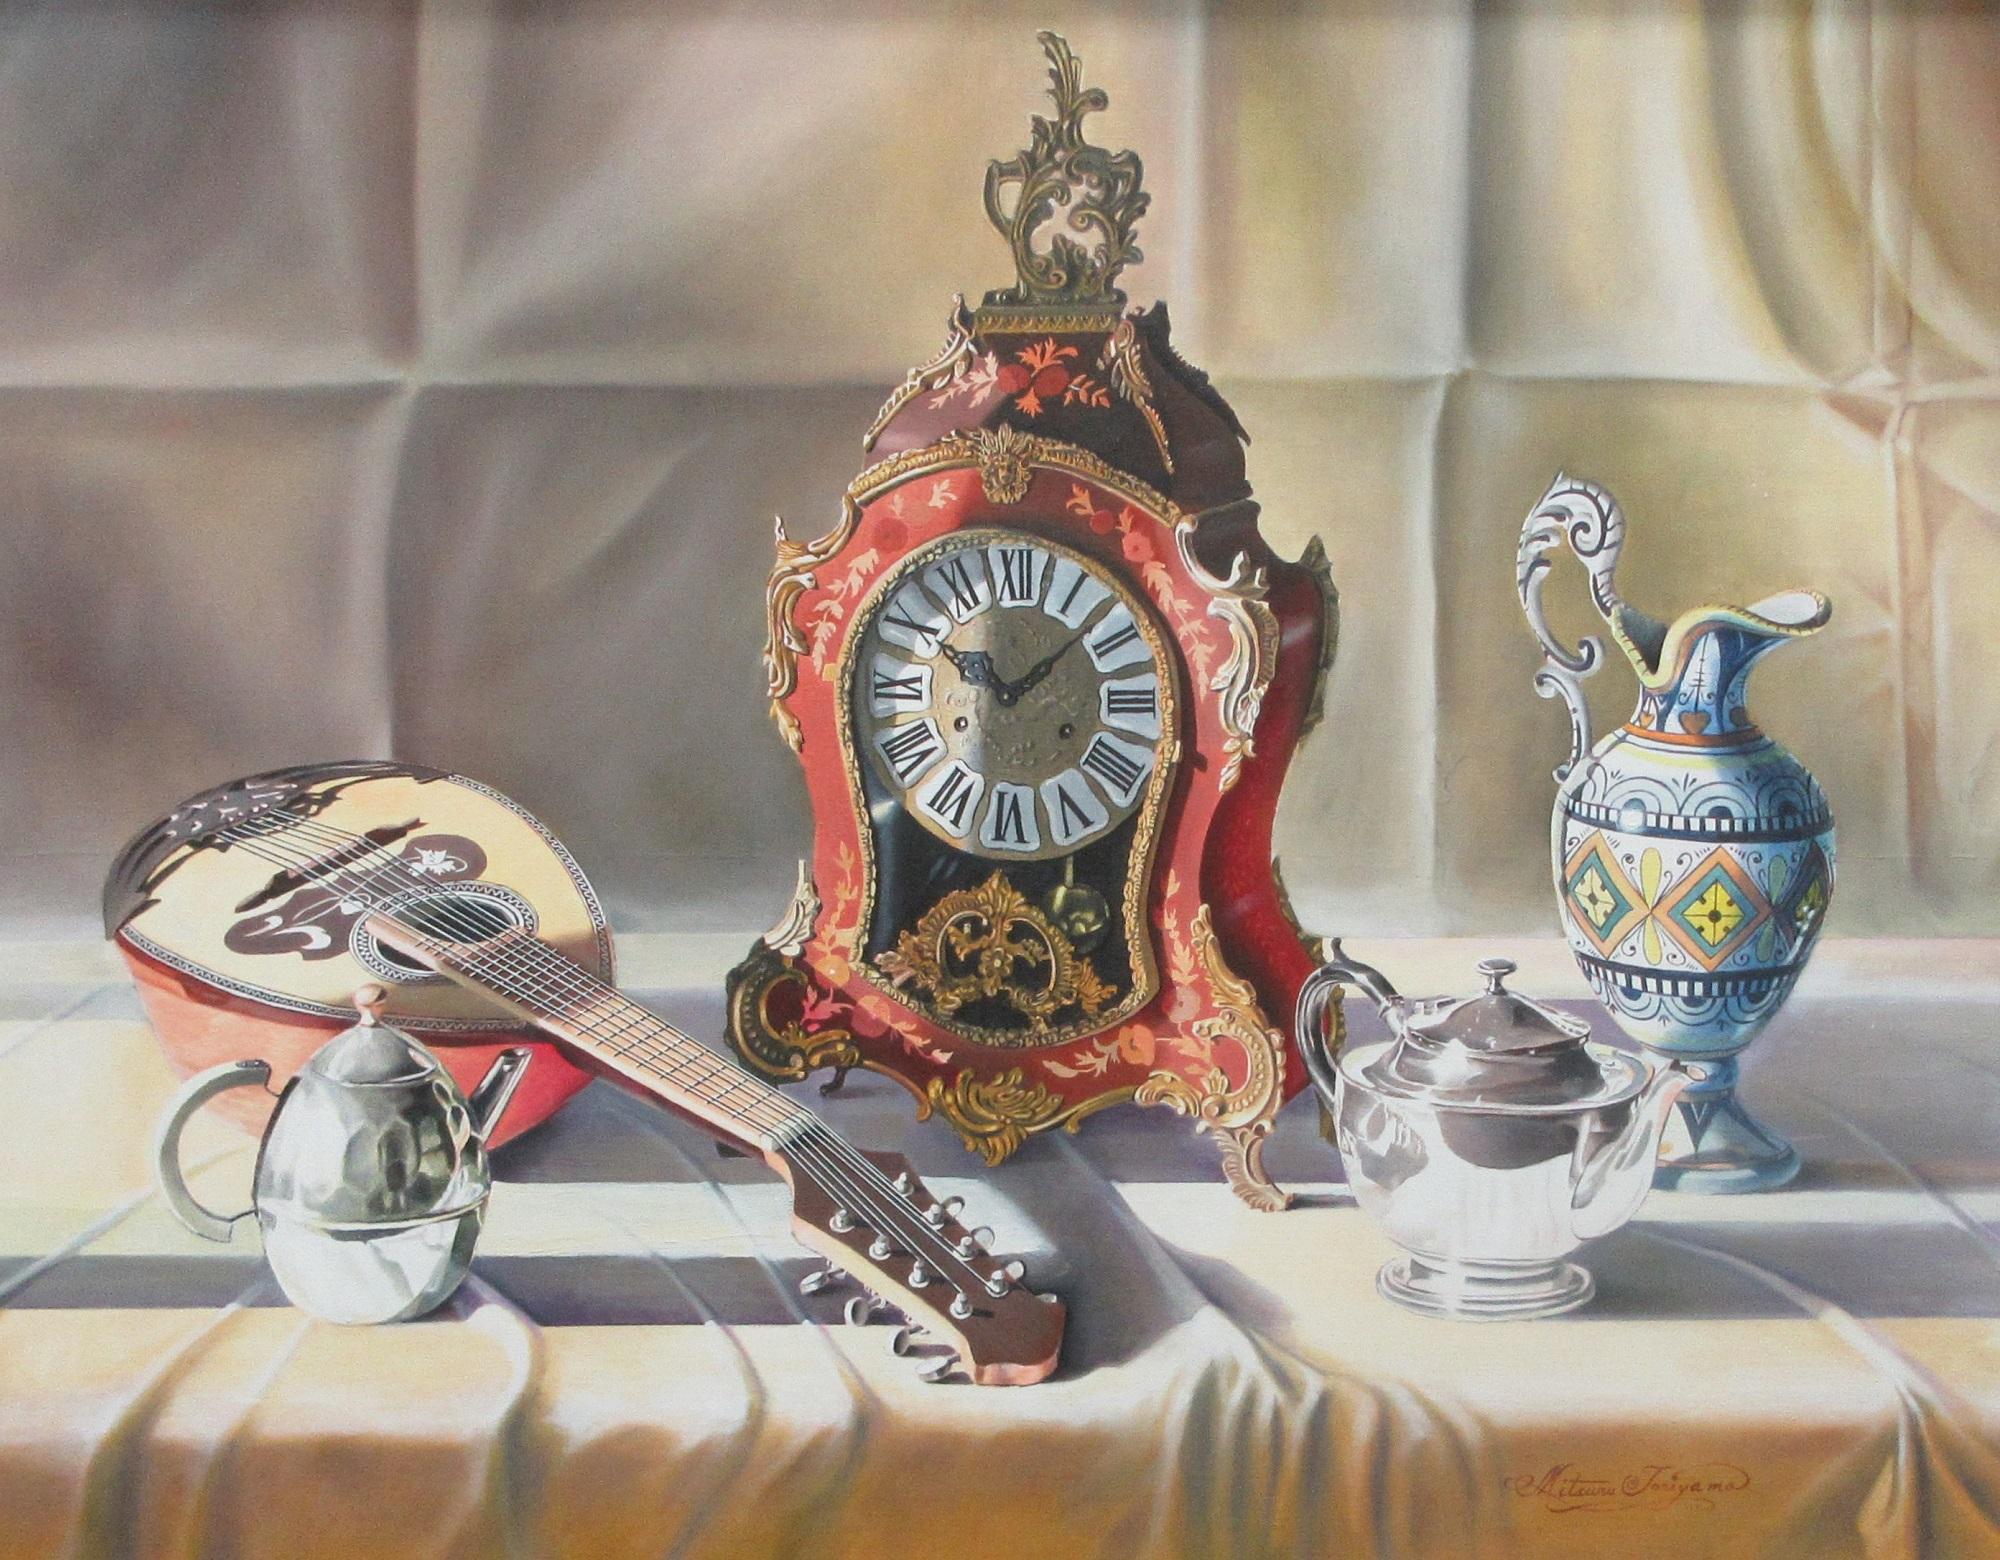 2020.9.17 (22) 西三文協美術展 - 鳥山光さん『ながれる時間』 2000-1560